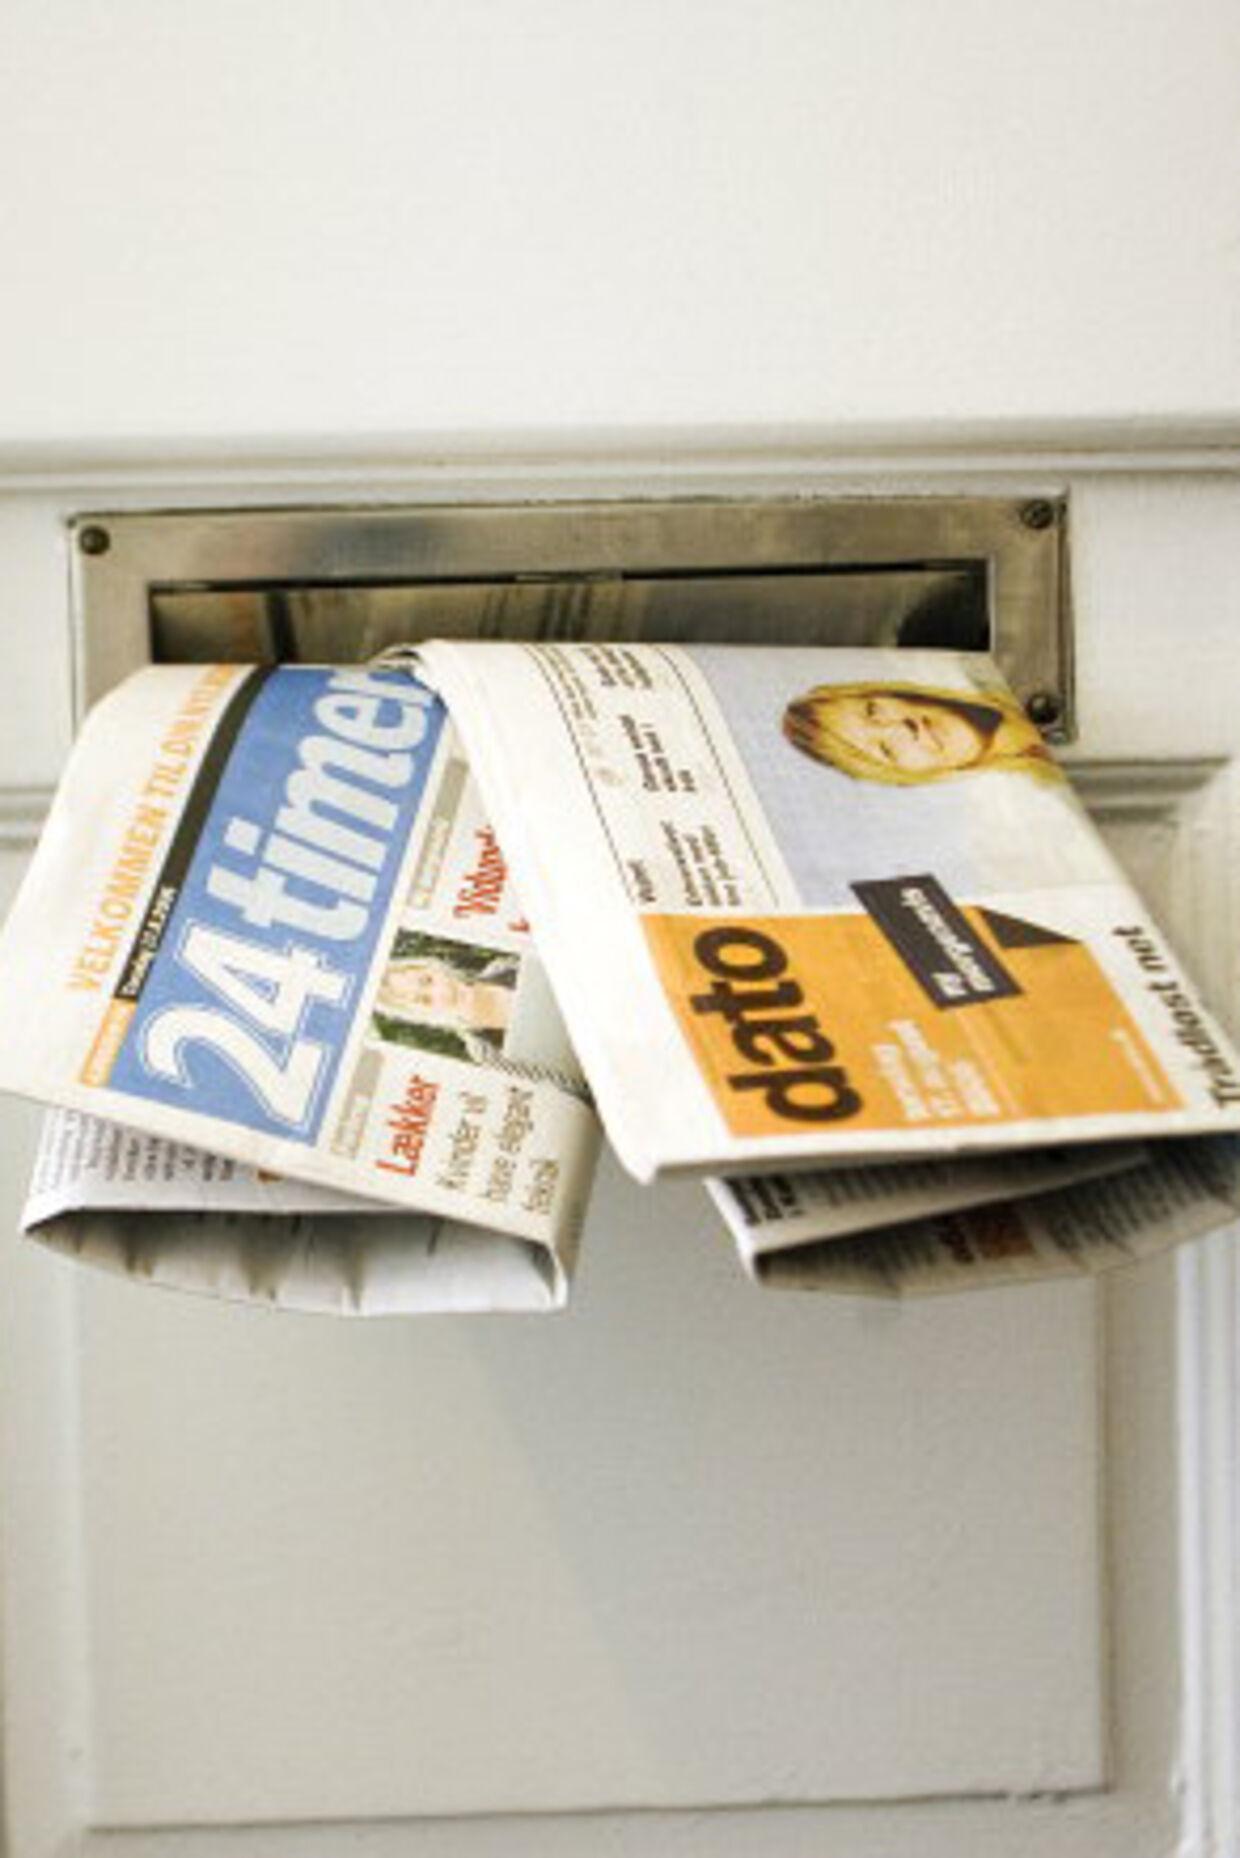 Ingeniører: Vi skal ikke dele aviser ud | BT Nyheder - www bt dk